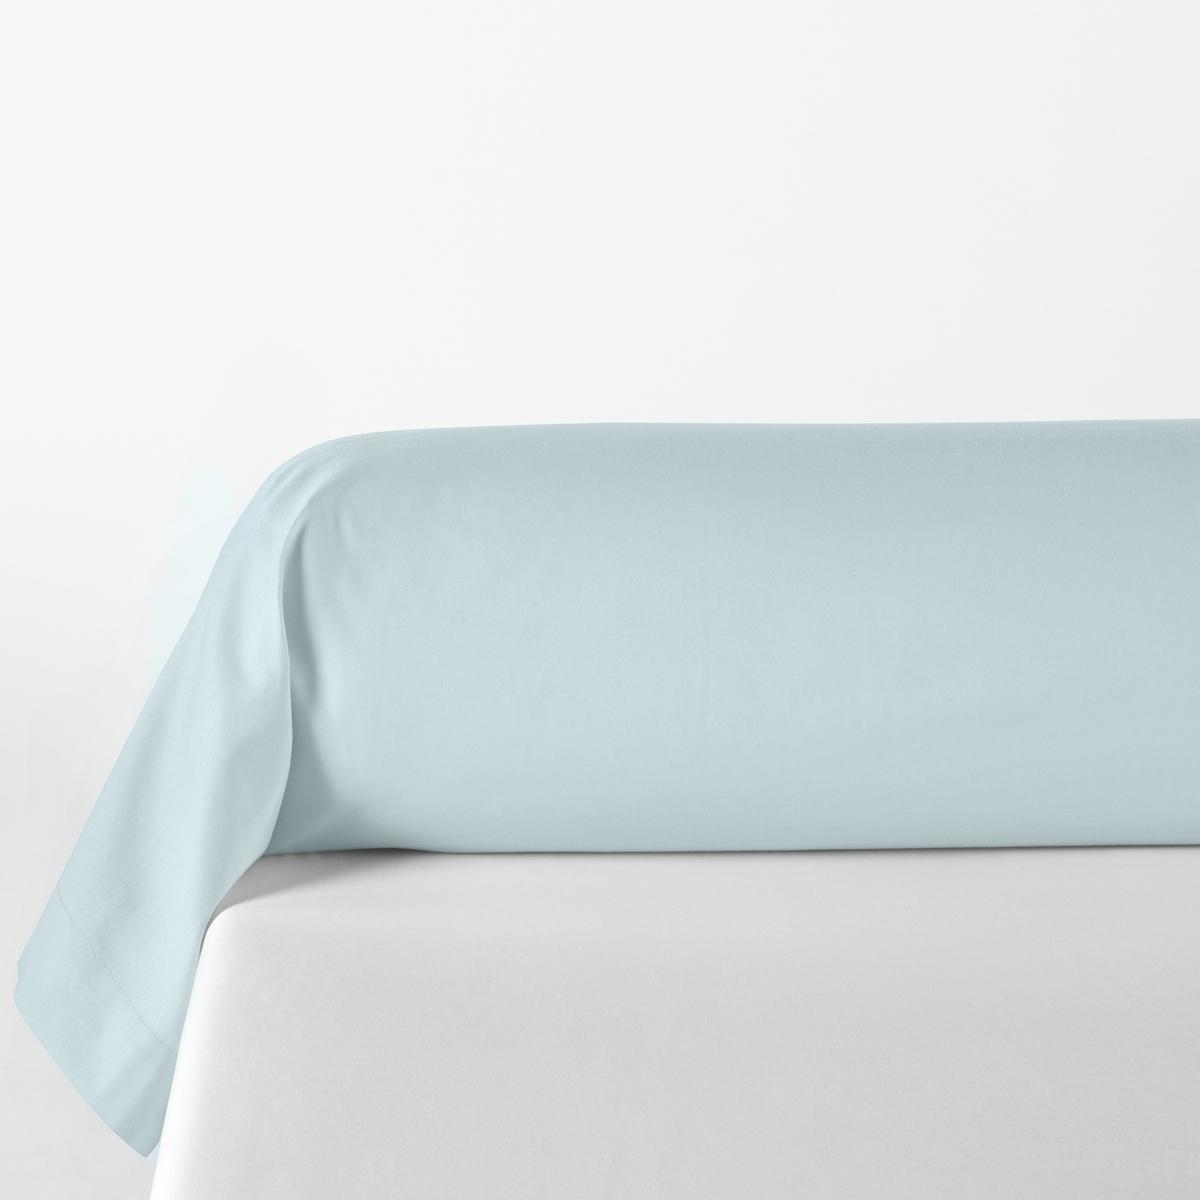 наволочки на подушку и наволочка на подушку валик из хлопка richmond Наволочка LaRedoute На подушку-валик однотонная из хлопка и лиоцелла Lyo 85 x 185 см синий